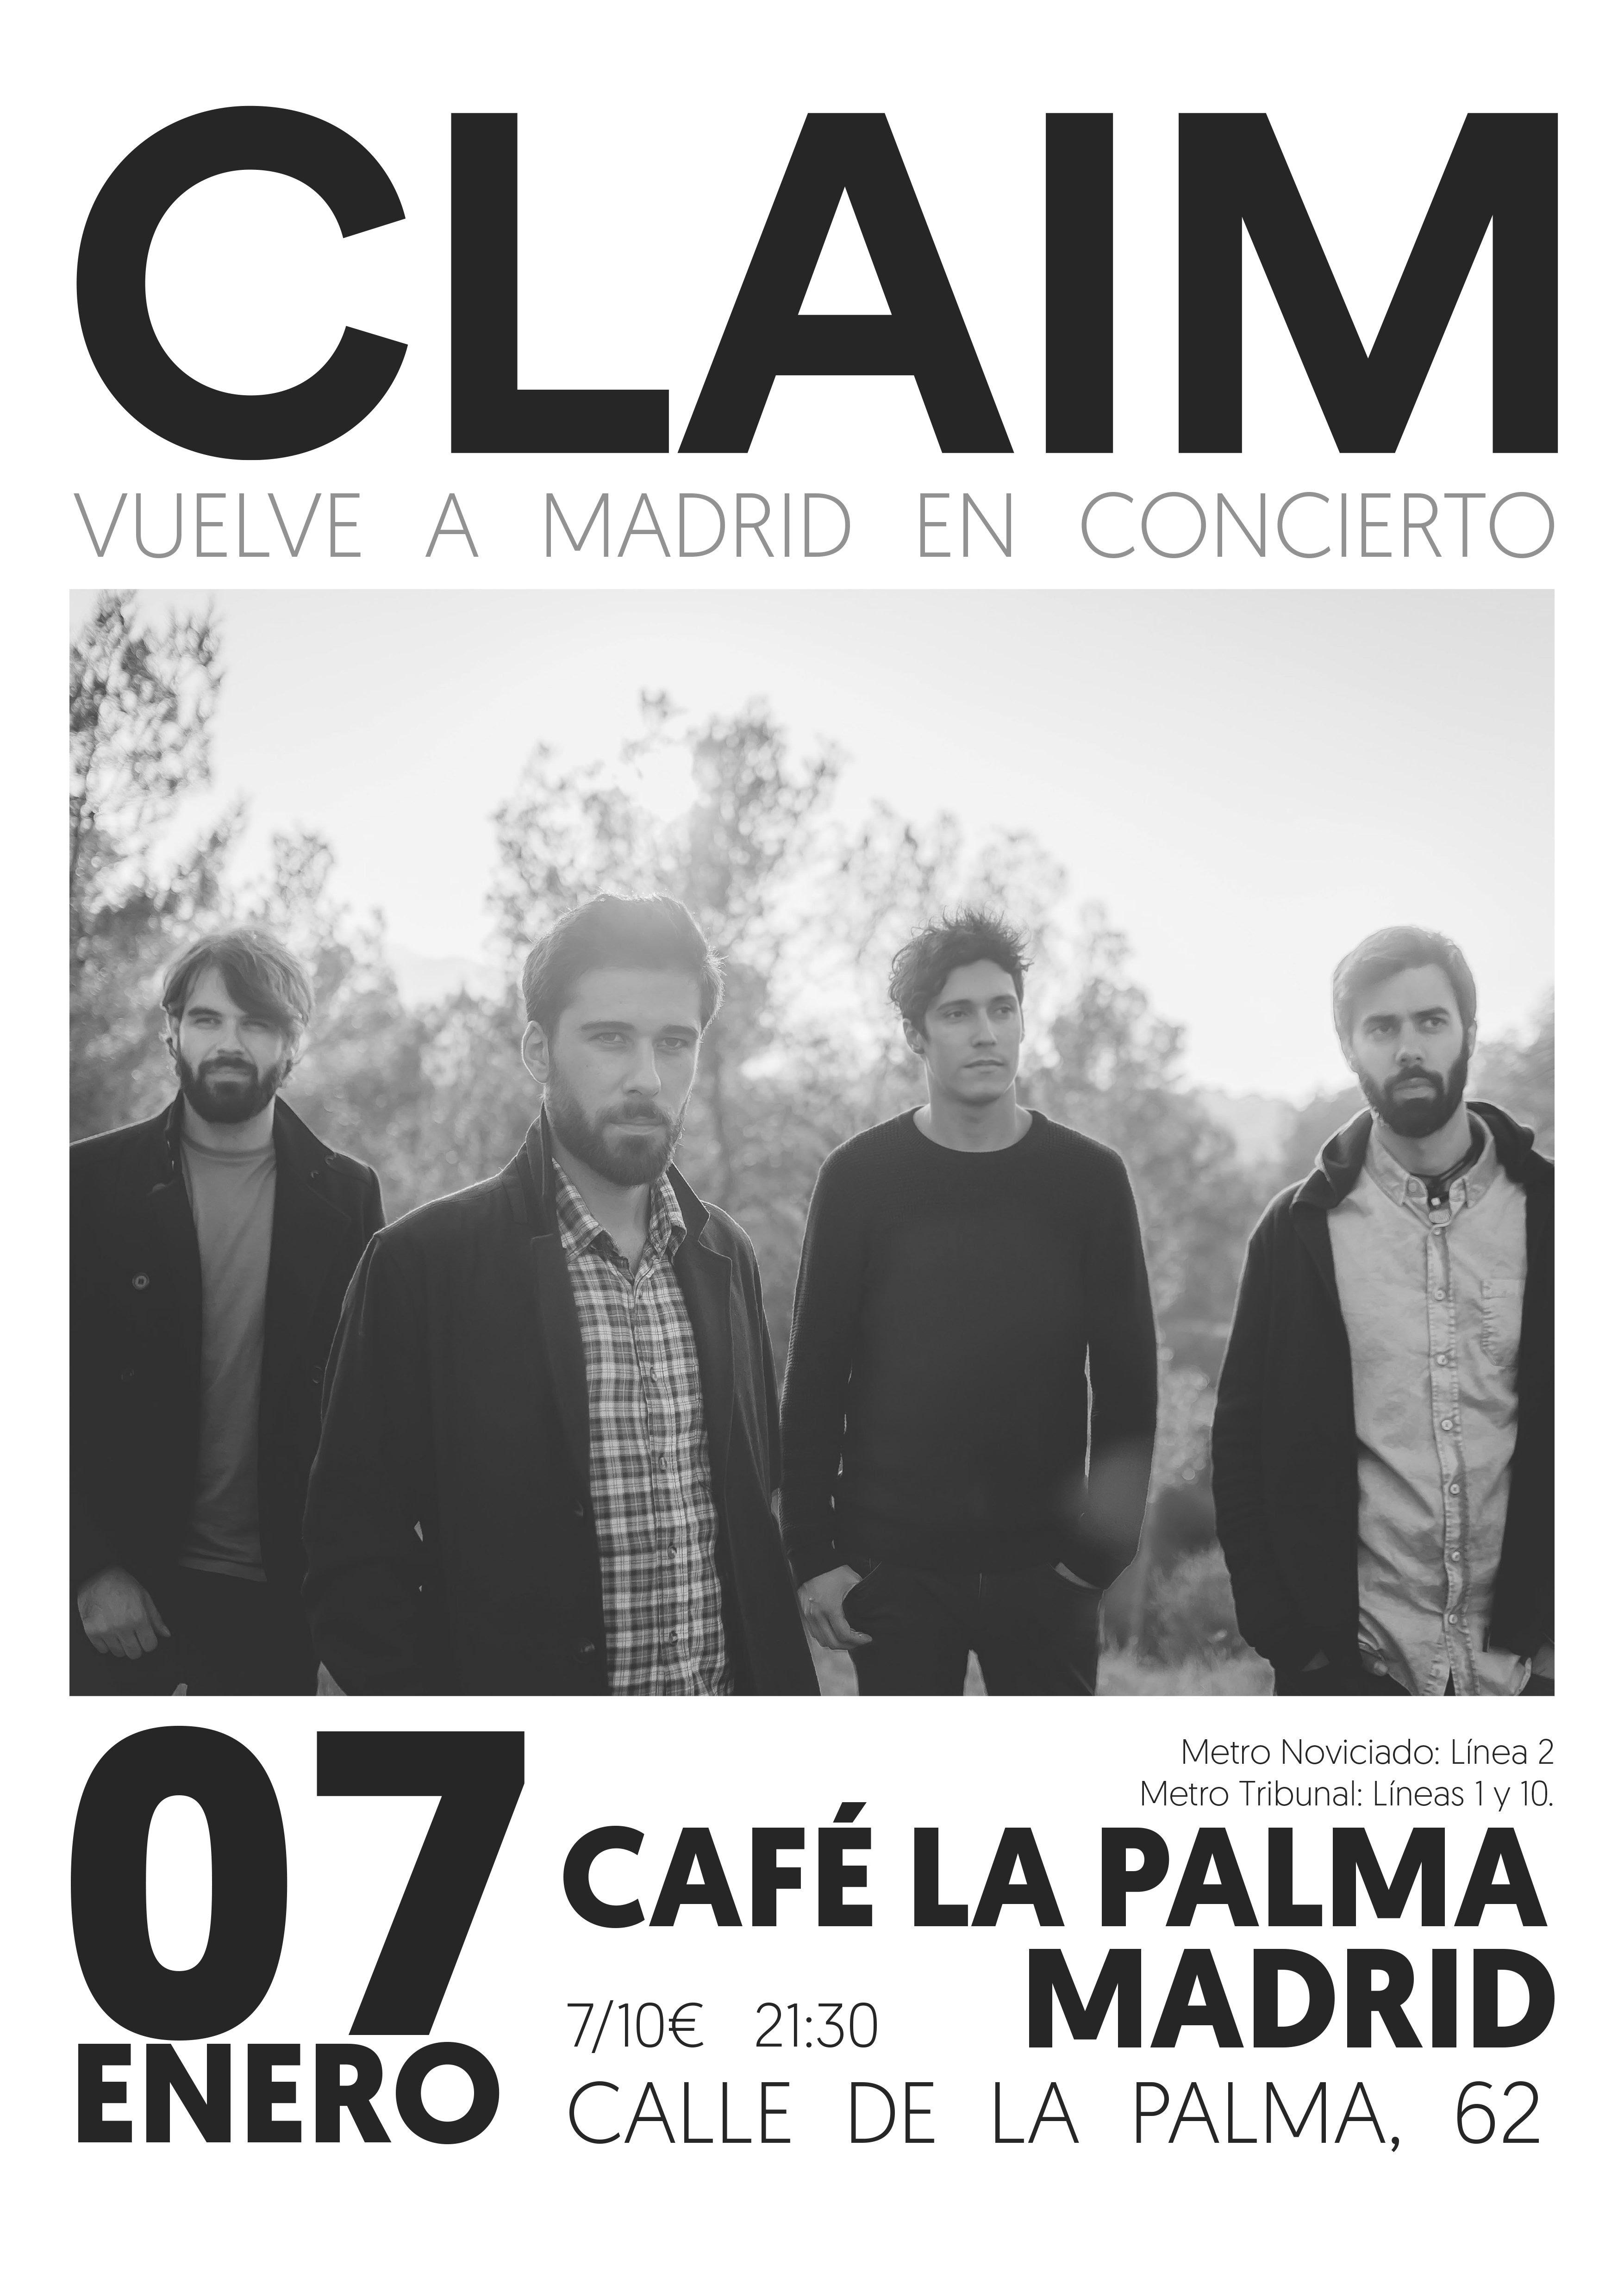 Concierto de Claim en Café la Palma